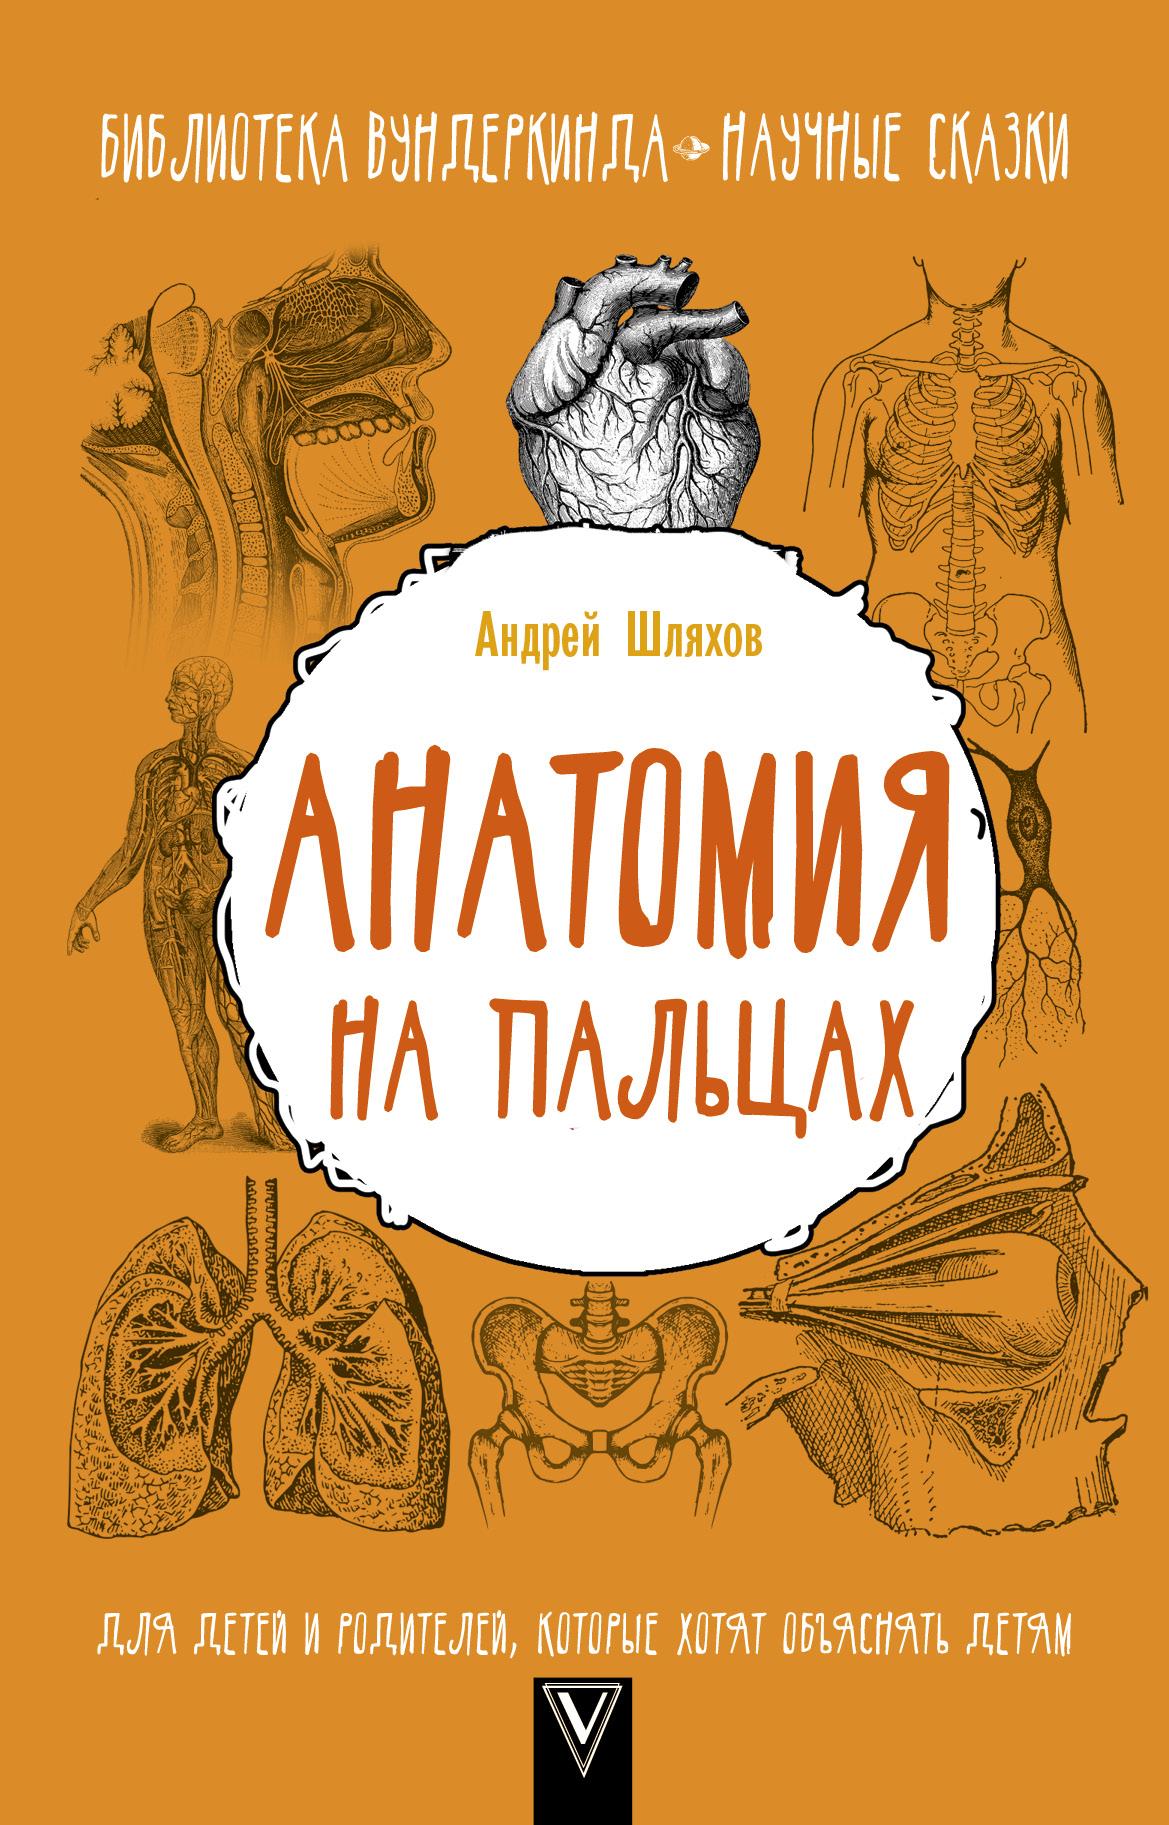 Андрей Шляхов Анатомия на пальцах. Для детей и родителей, которые хотят объяснять детям шляхов а л анатомия на пальцах для детей и родителей которые хотят объяснять детям